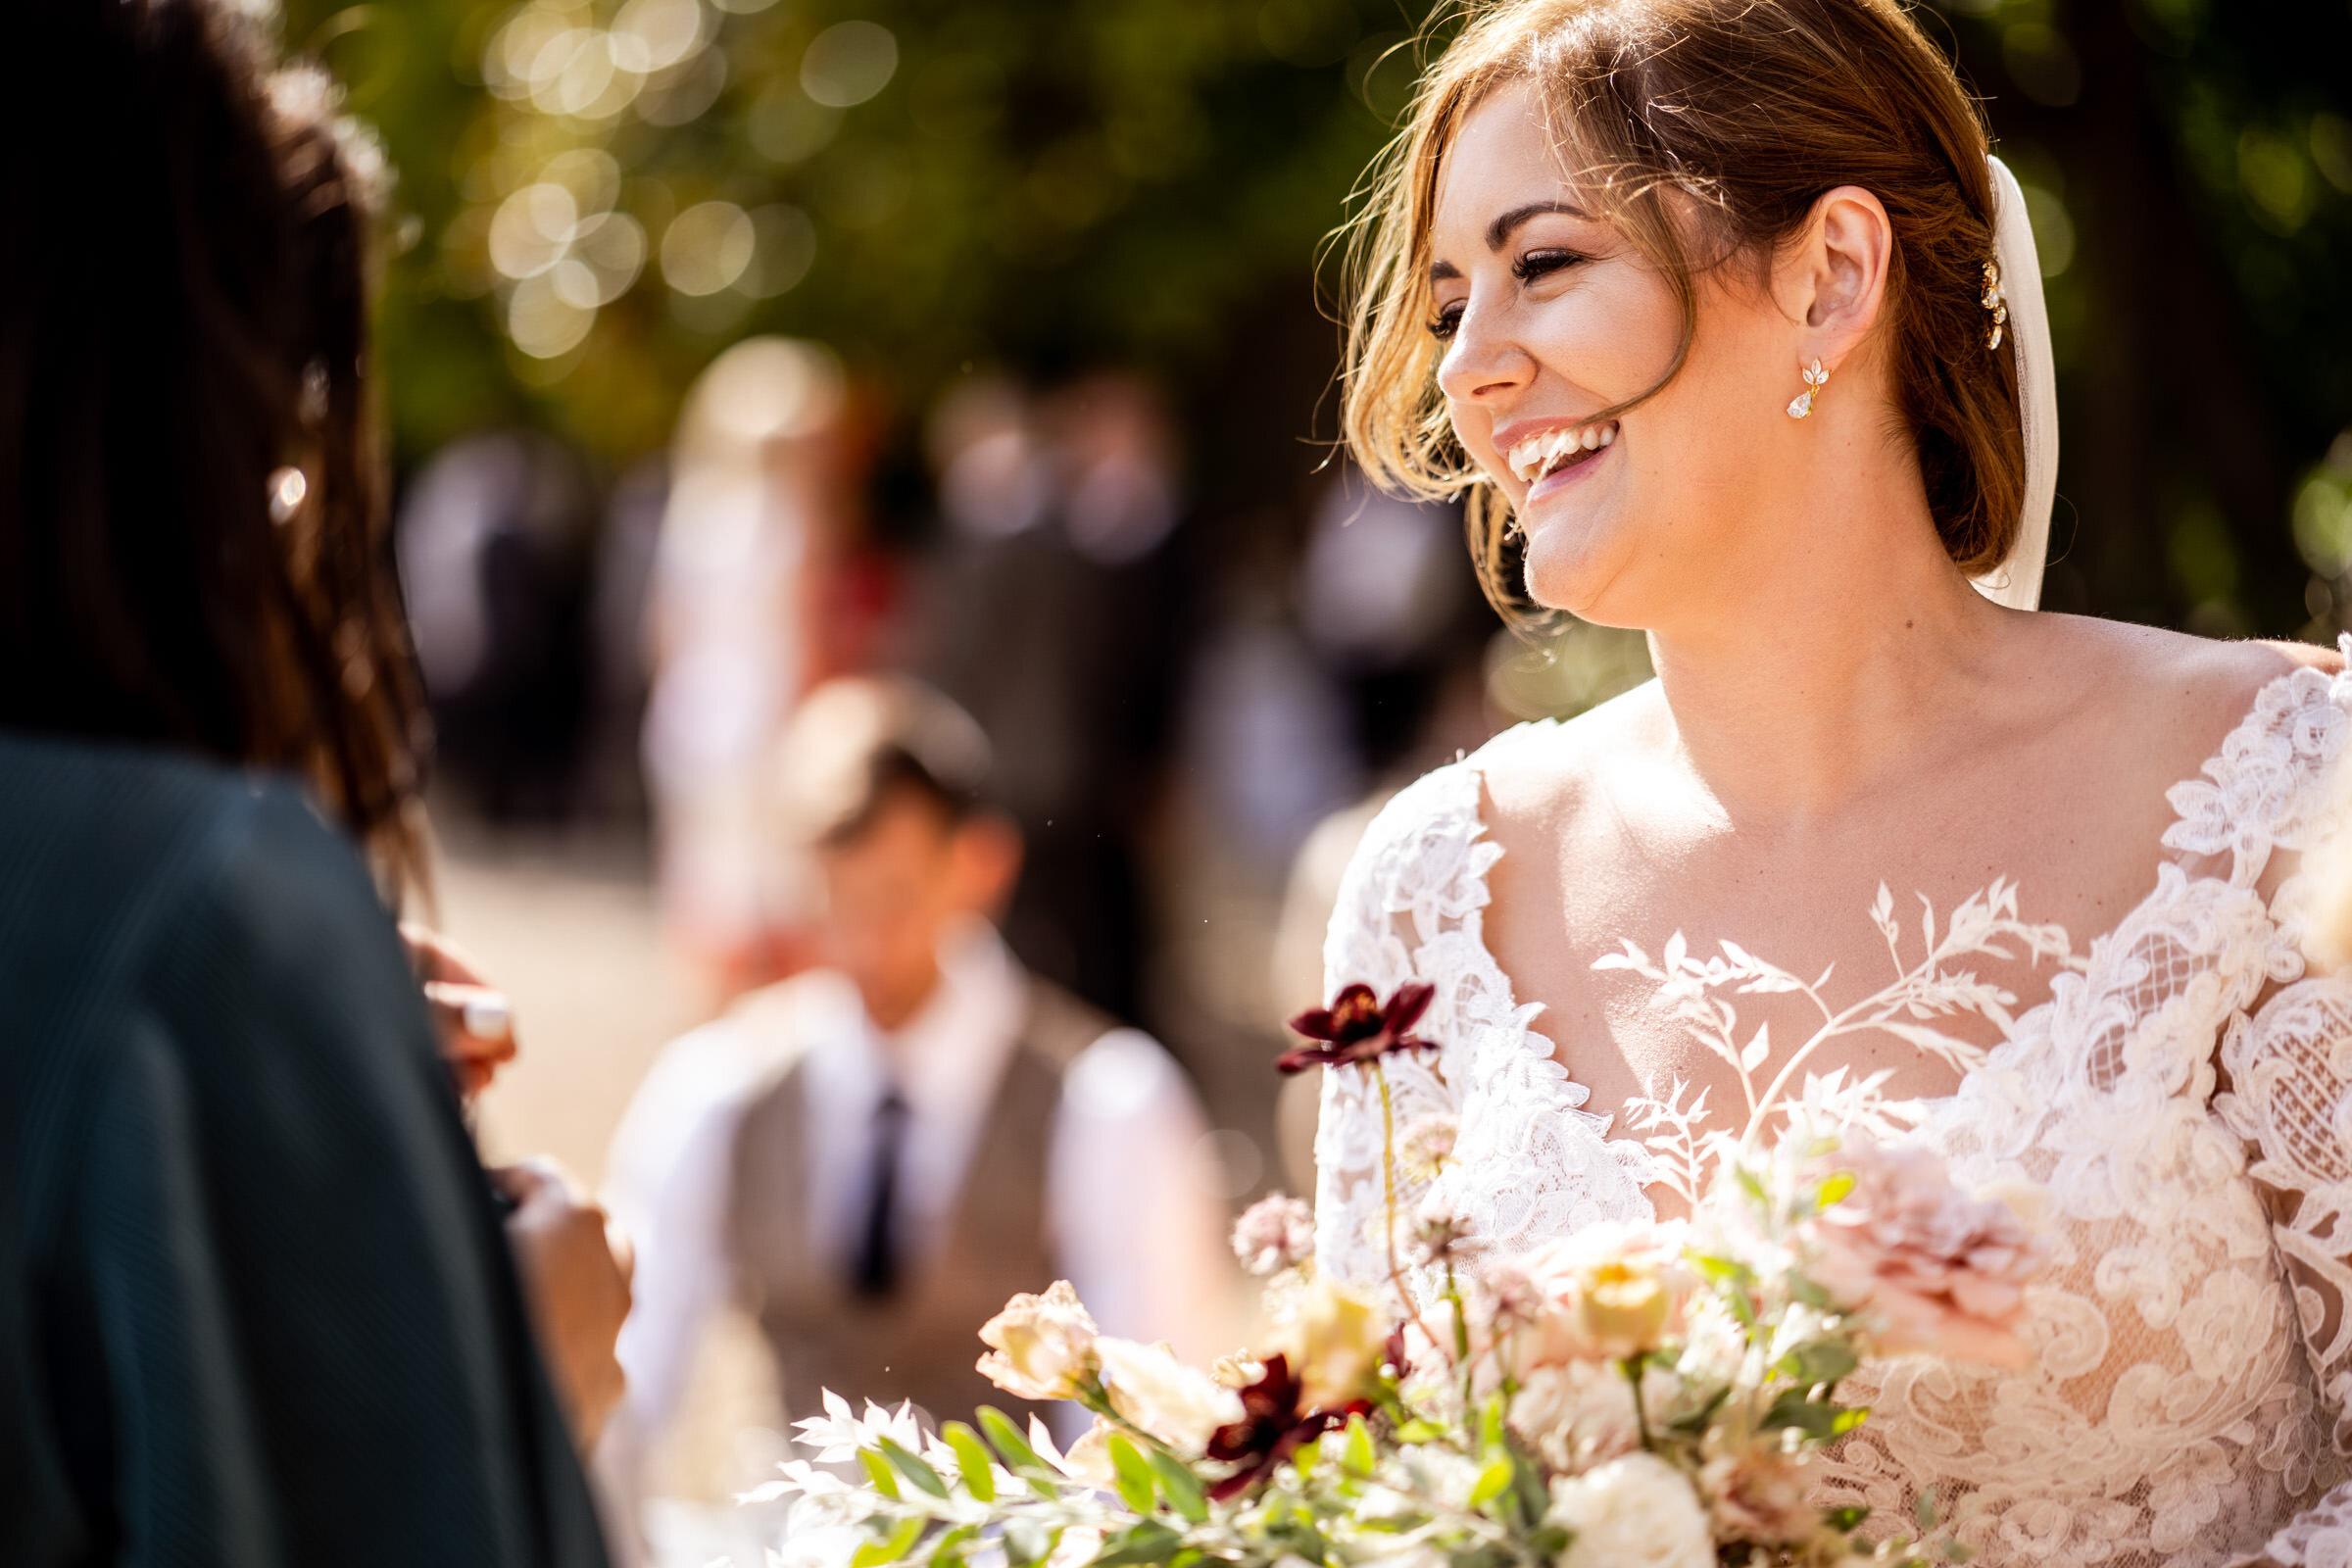 布兰登·柯林斯的照片,儿童婚礼